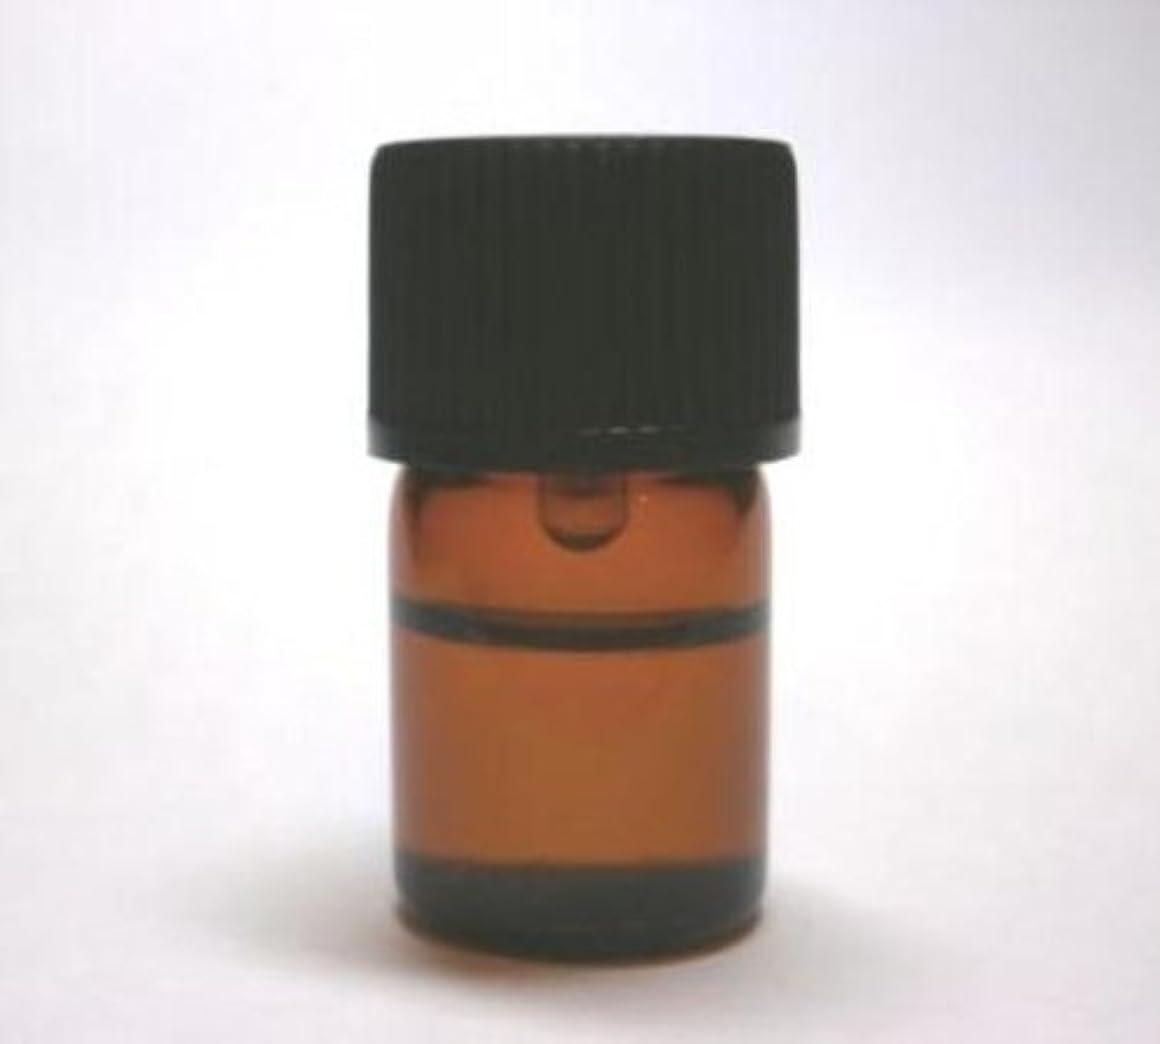 スティーブンソン絶壁ドローローズオットー100%:3ml/ローズエッセンシャルオイル/ローズ精油/ローズオイル